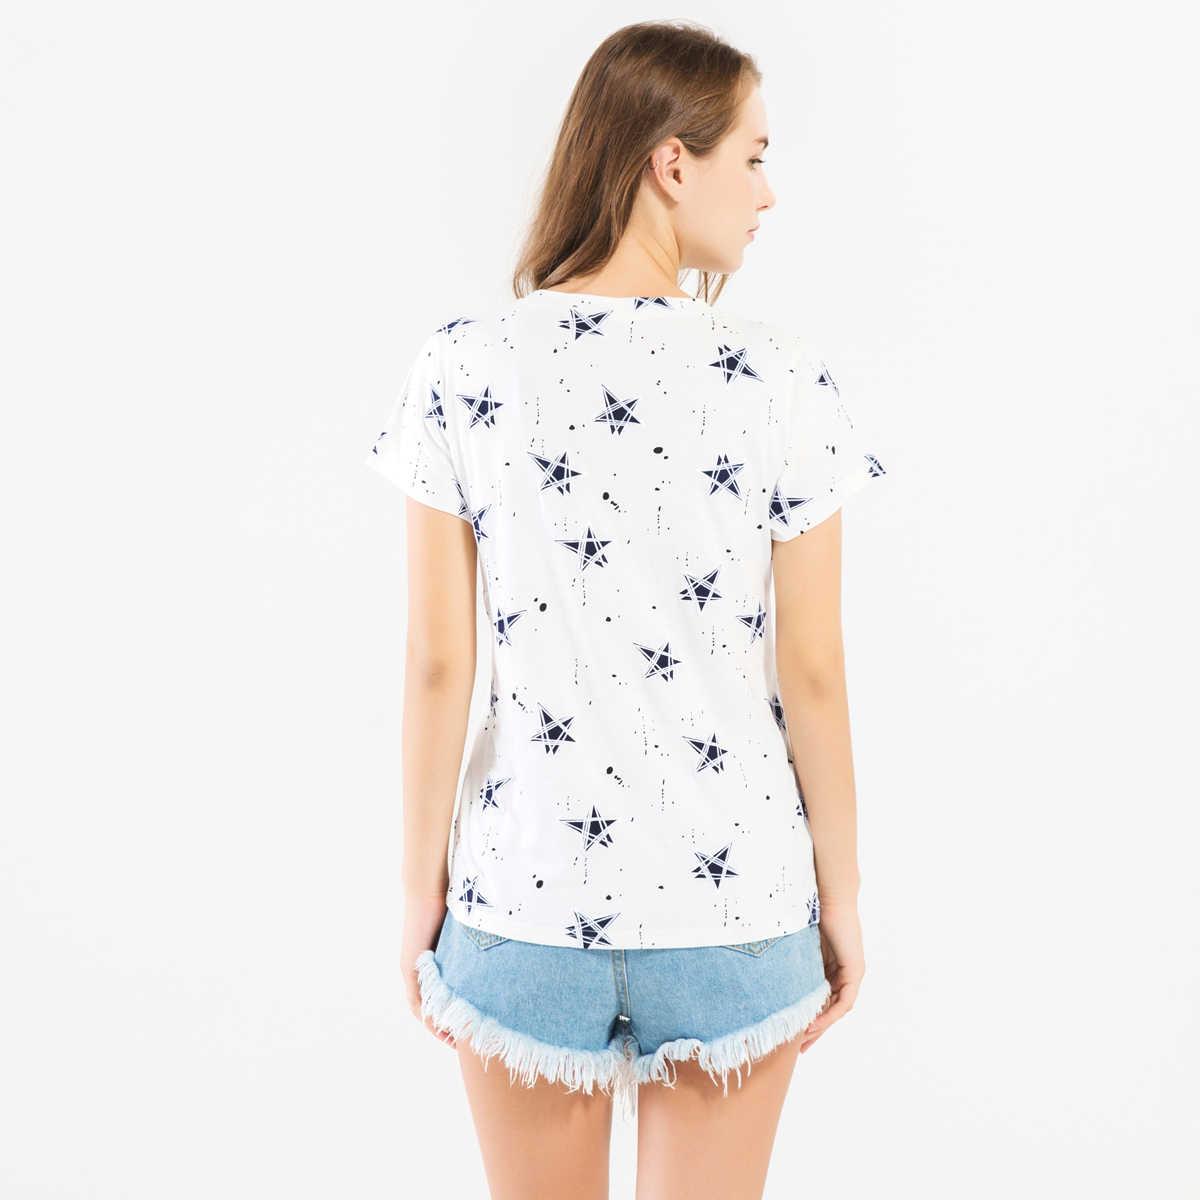 Новинка, брендовая одежда с 3D принтом звезд, женская летняя футболка 2019 года с короткими рукавами и круглым вырезом, хлопковые толстовки в стиле хип-хоп высокого качества